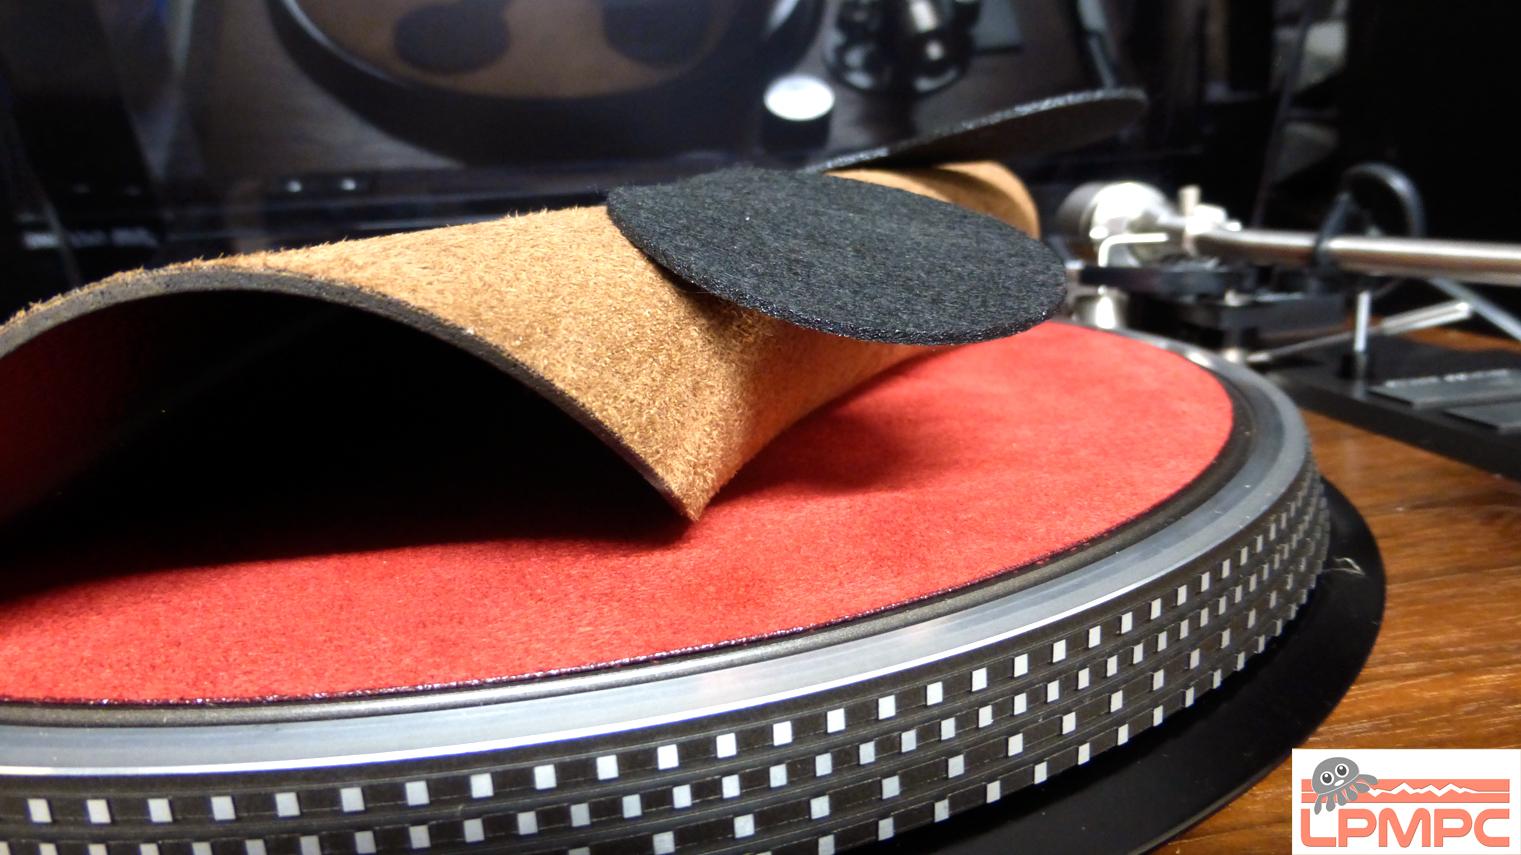 lpmpc tapis pour platine vinyle platter mat